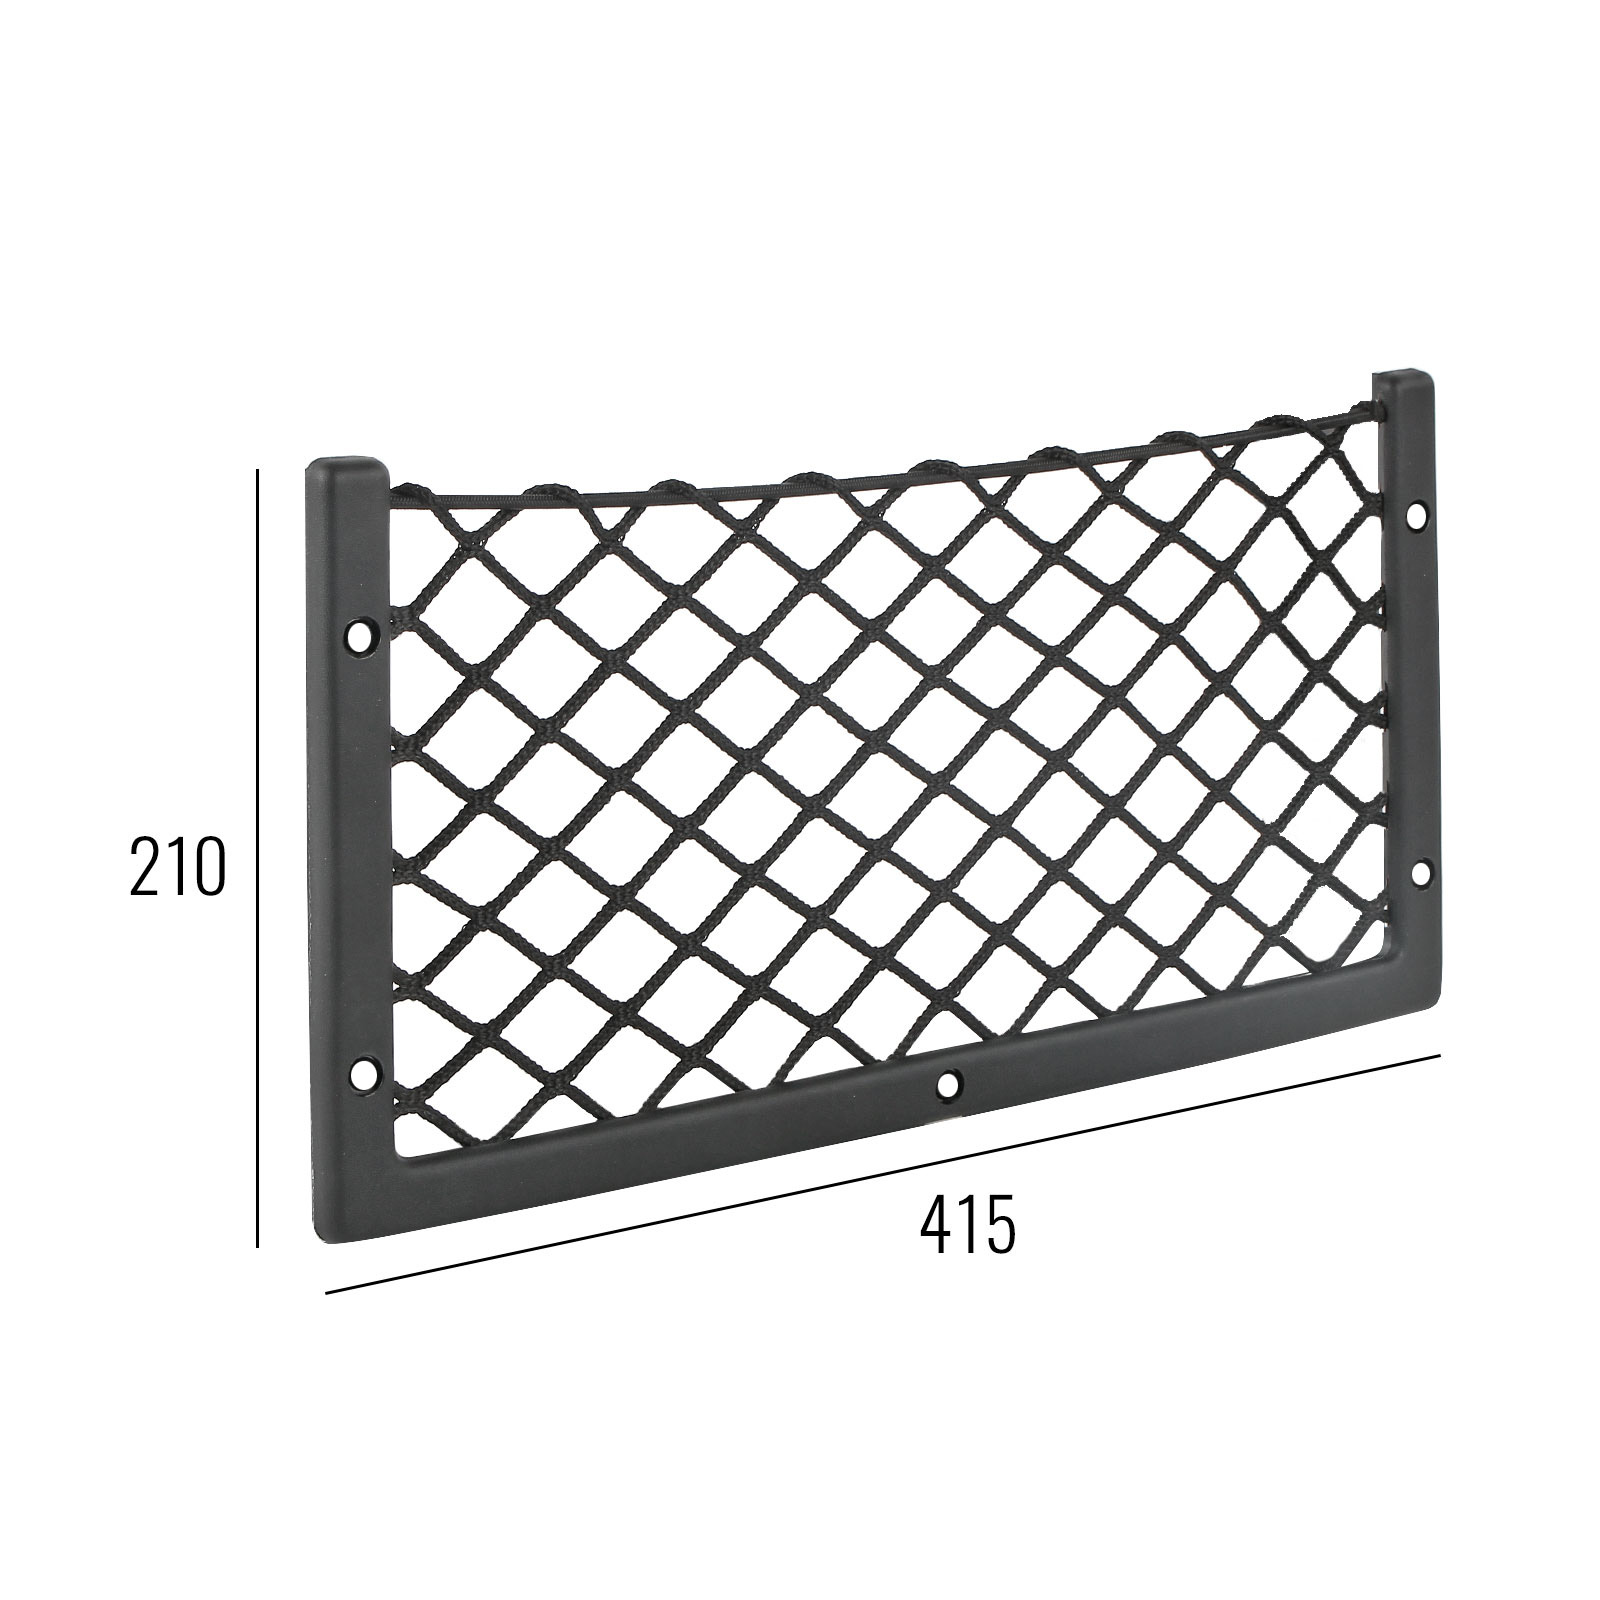 Netzablagefach Nylonnetz mit Gummizug L 415x210 mm